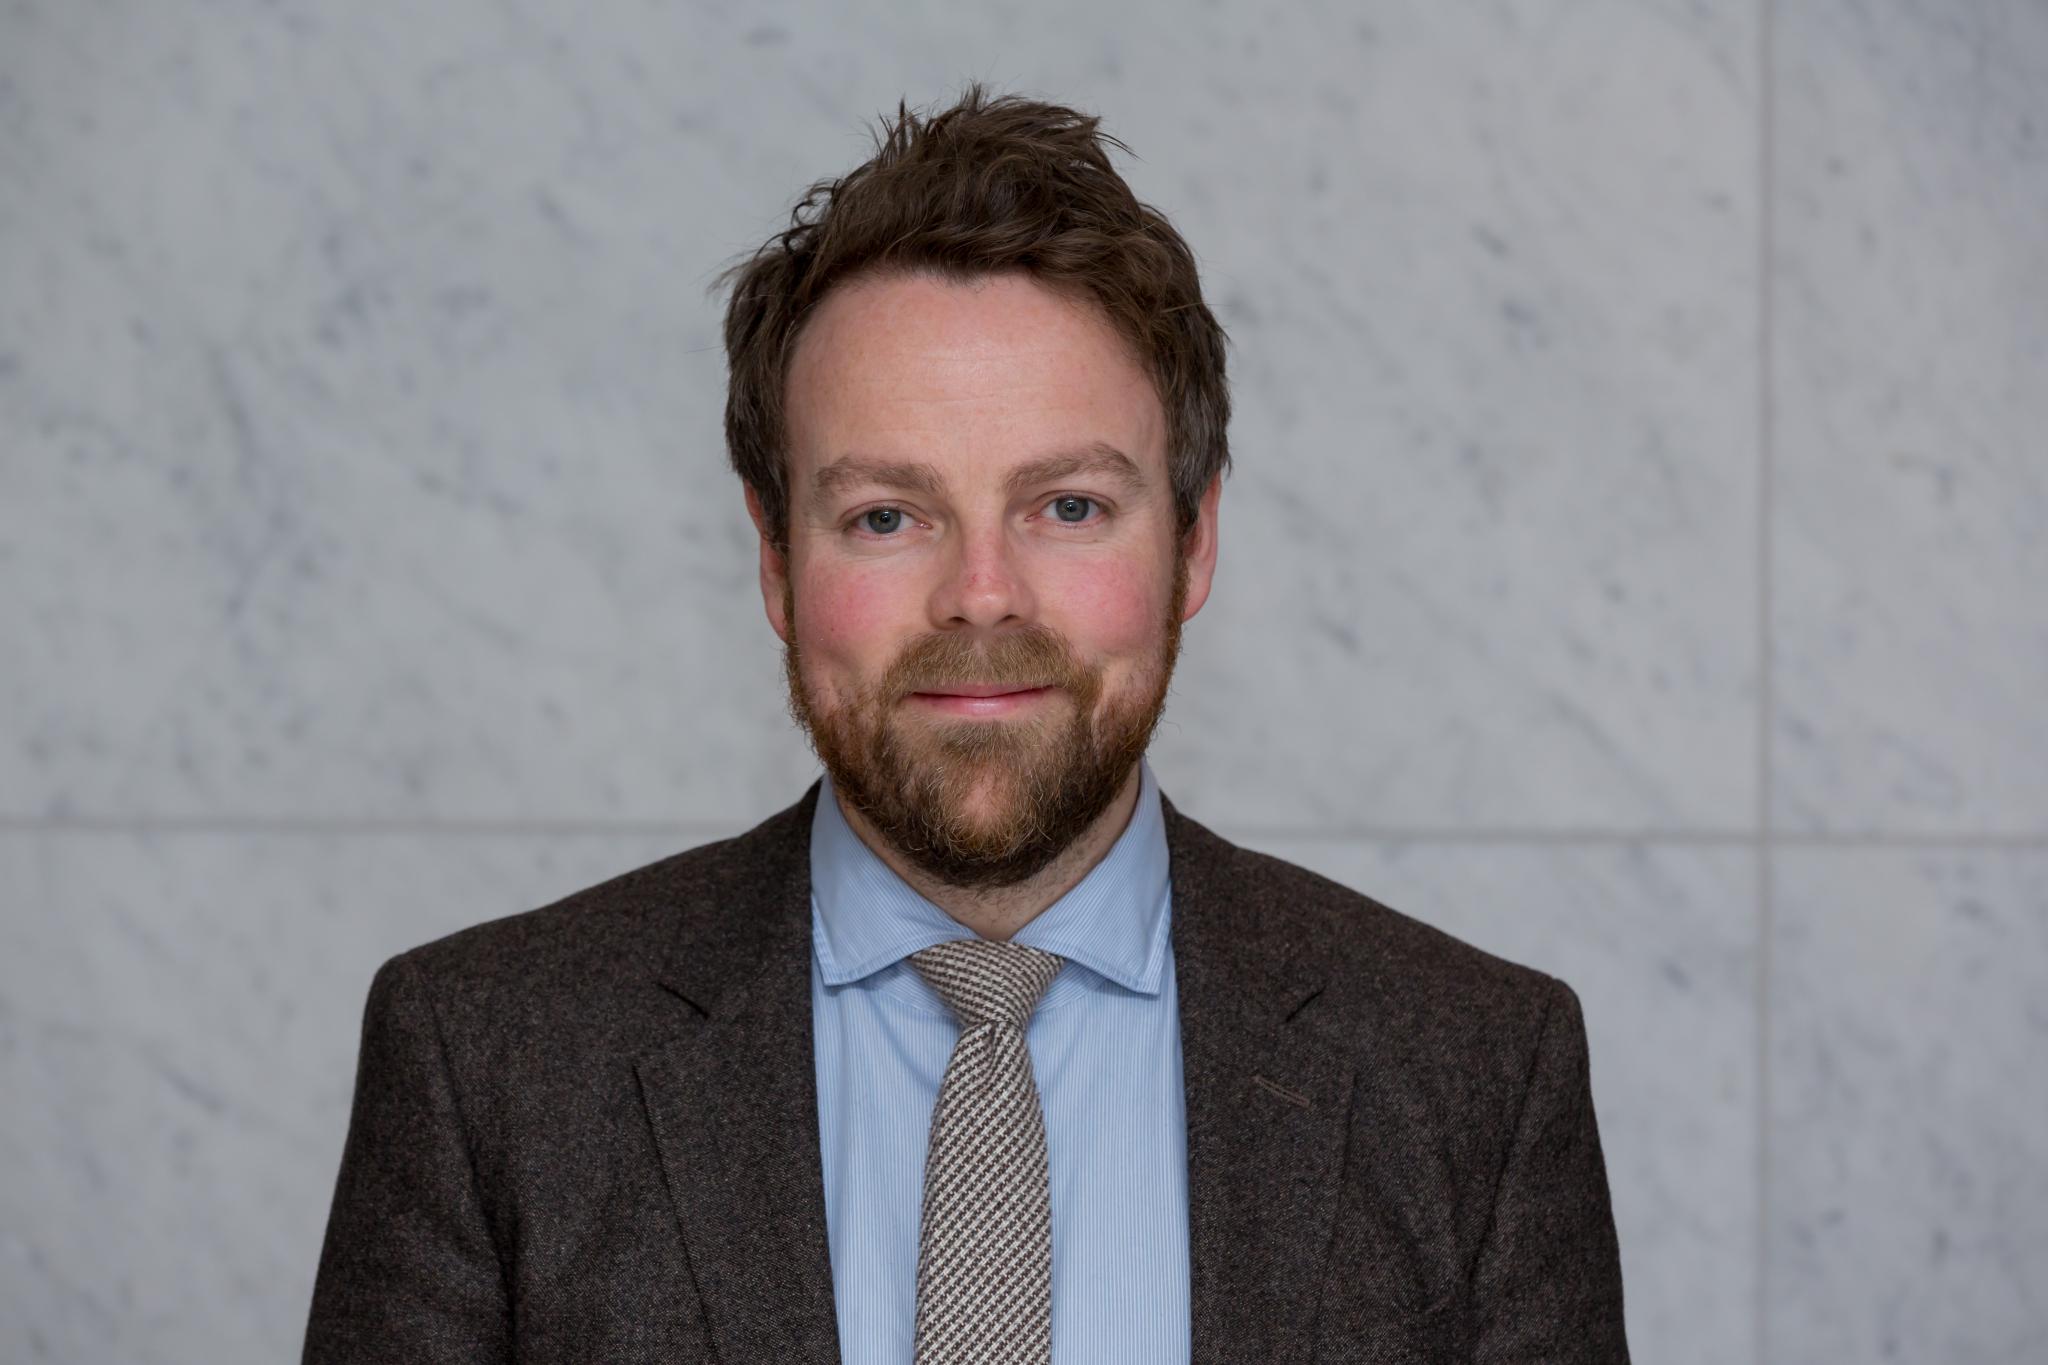 IMPONERT OVER NAV: Arbeids- og sosialminister Torbjørn Røe Isaksen er imponert over hva NAV har fått til under koronapandemien. (Foto: Høyre)